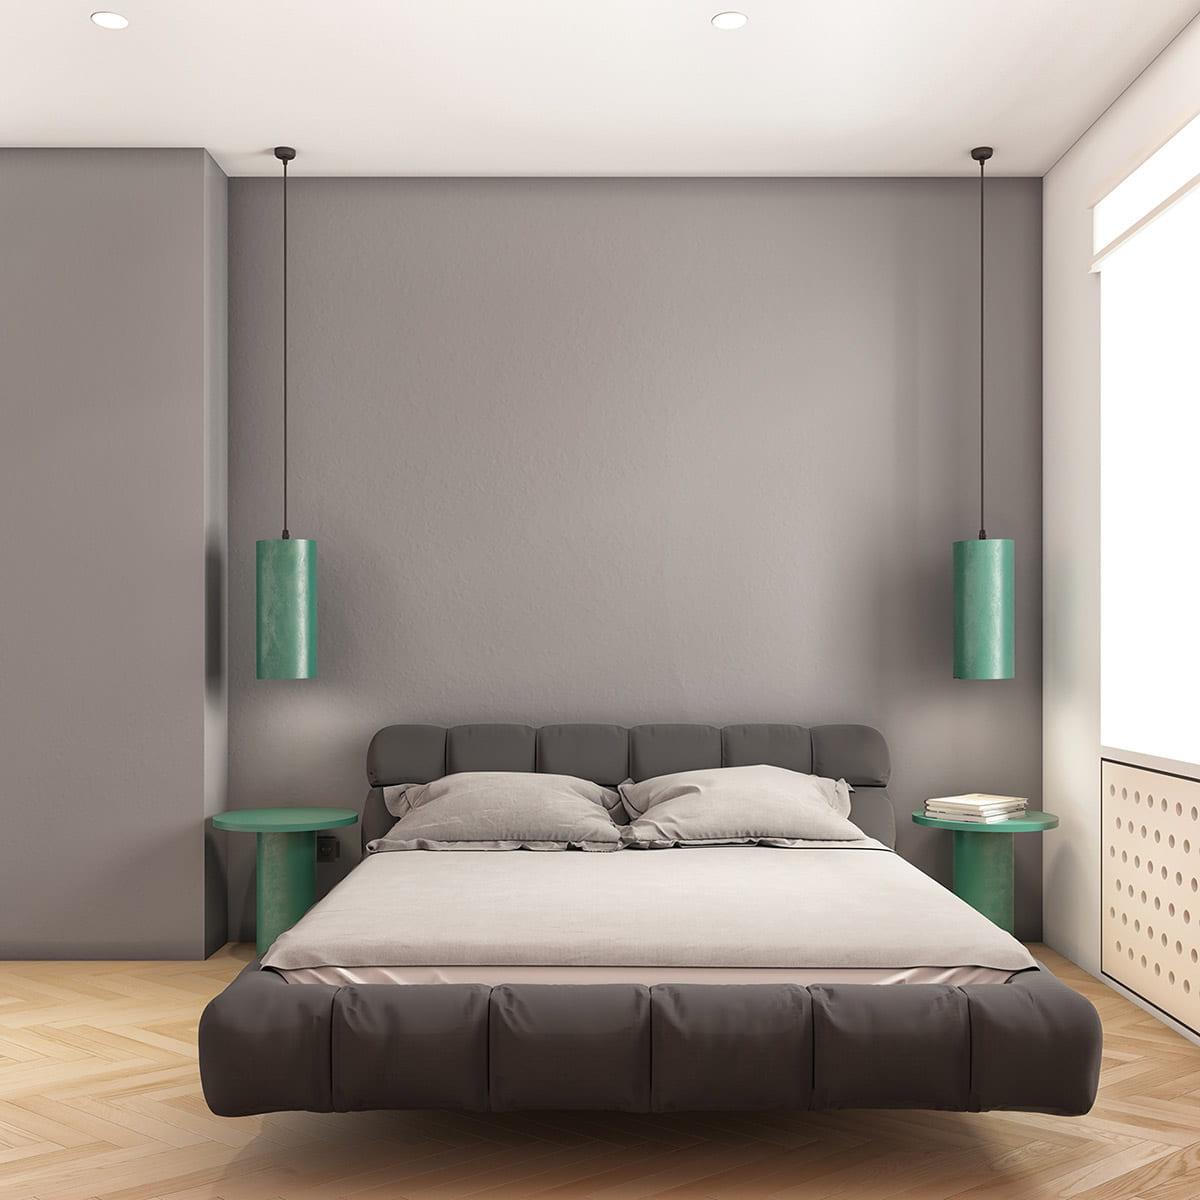 La chambre à coucher parfaite avec un lit luxueux où rien n'est superflu